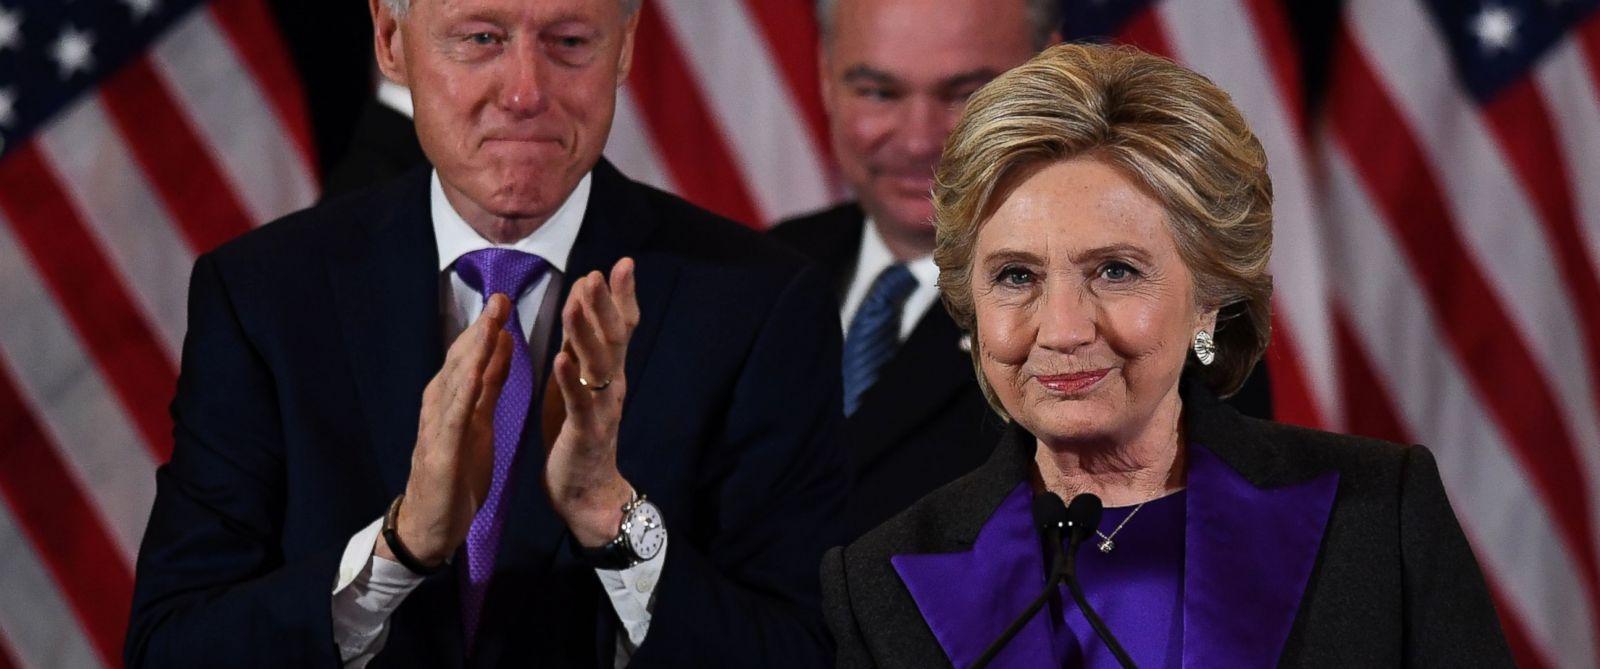 「トランプ氏が私達の大統領になる」敗北宣言に滲むクリントン氏の潔い強さ